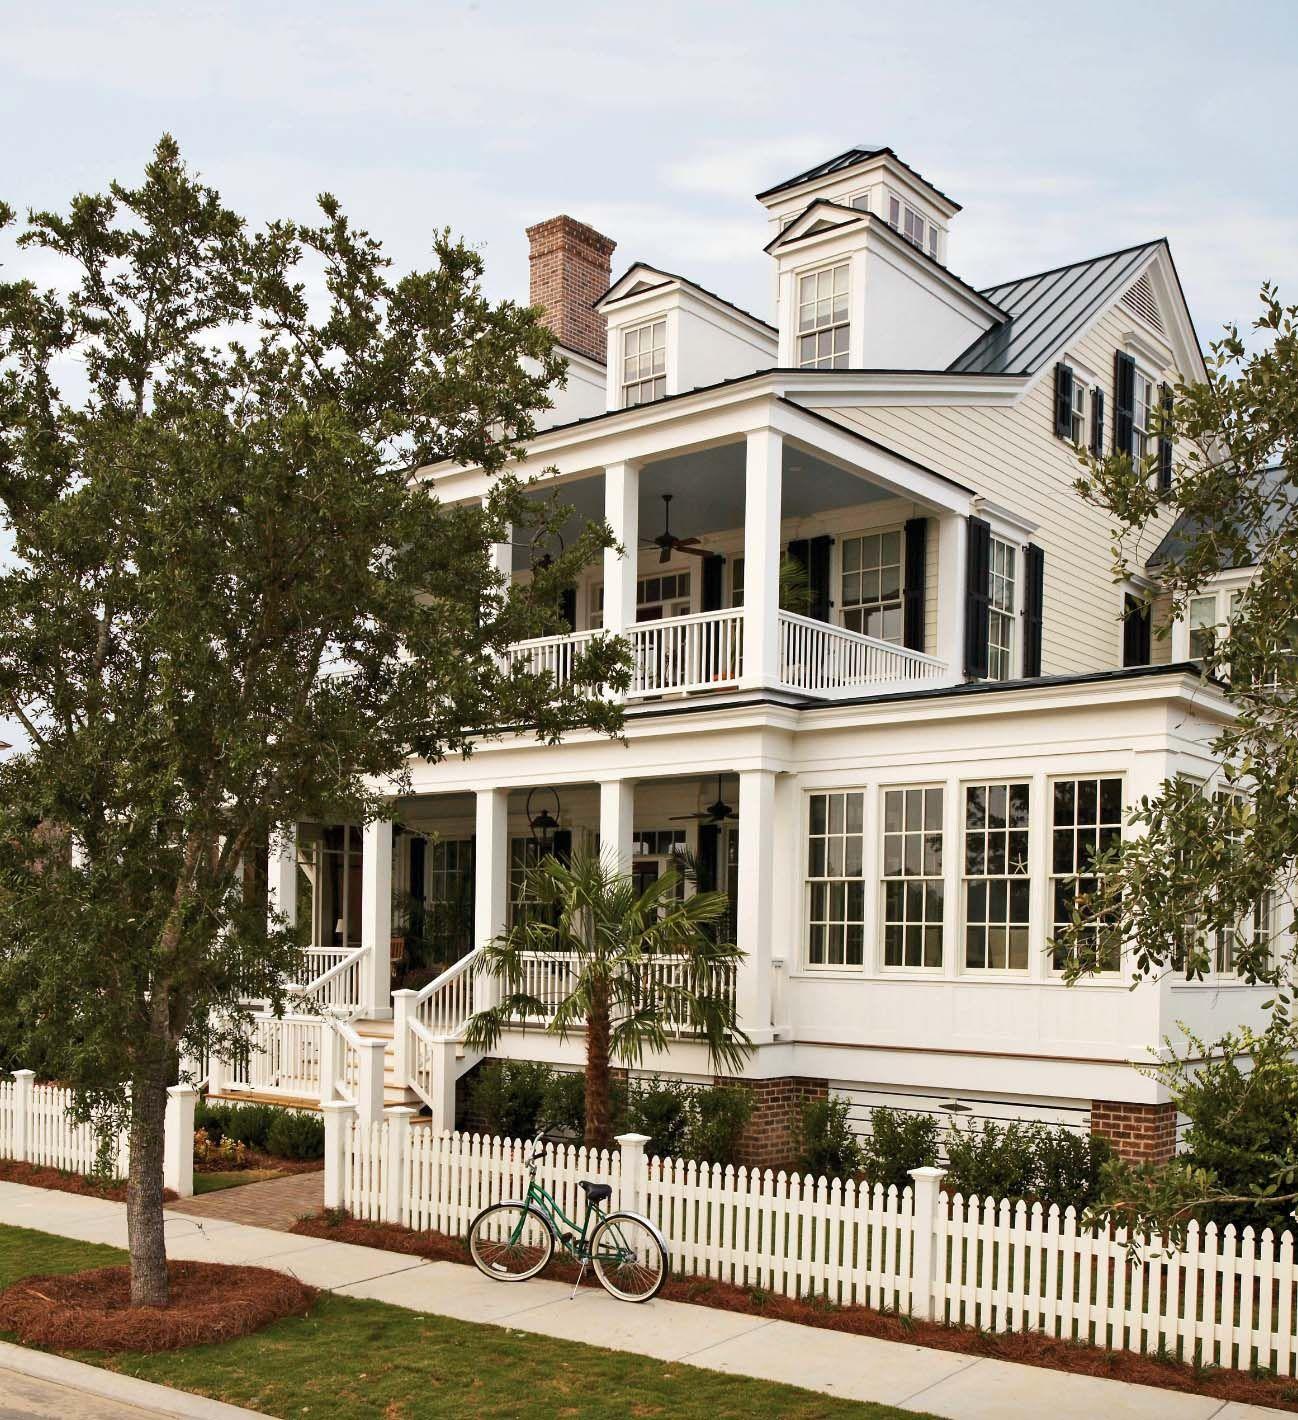 Photo of La casa in stile costiero della Carolina del Nord mette in mostra invitanti spazi abitativi